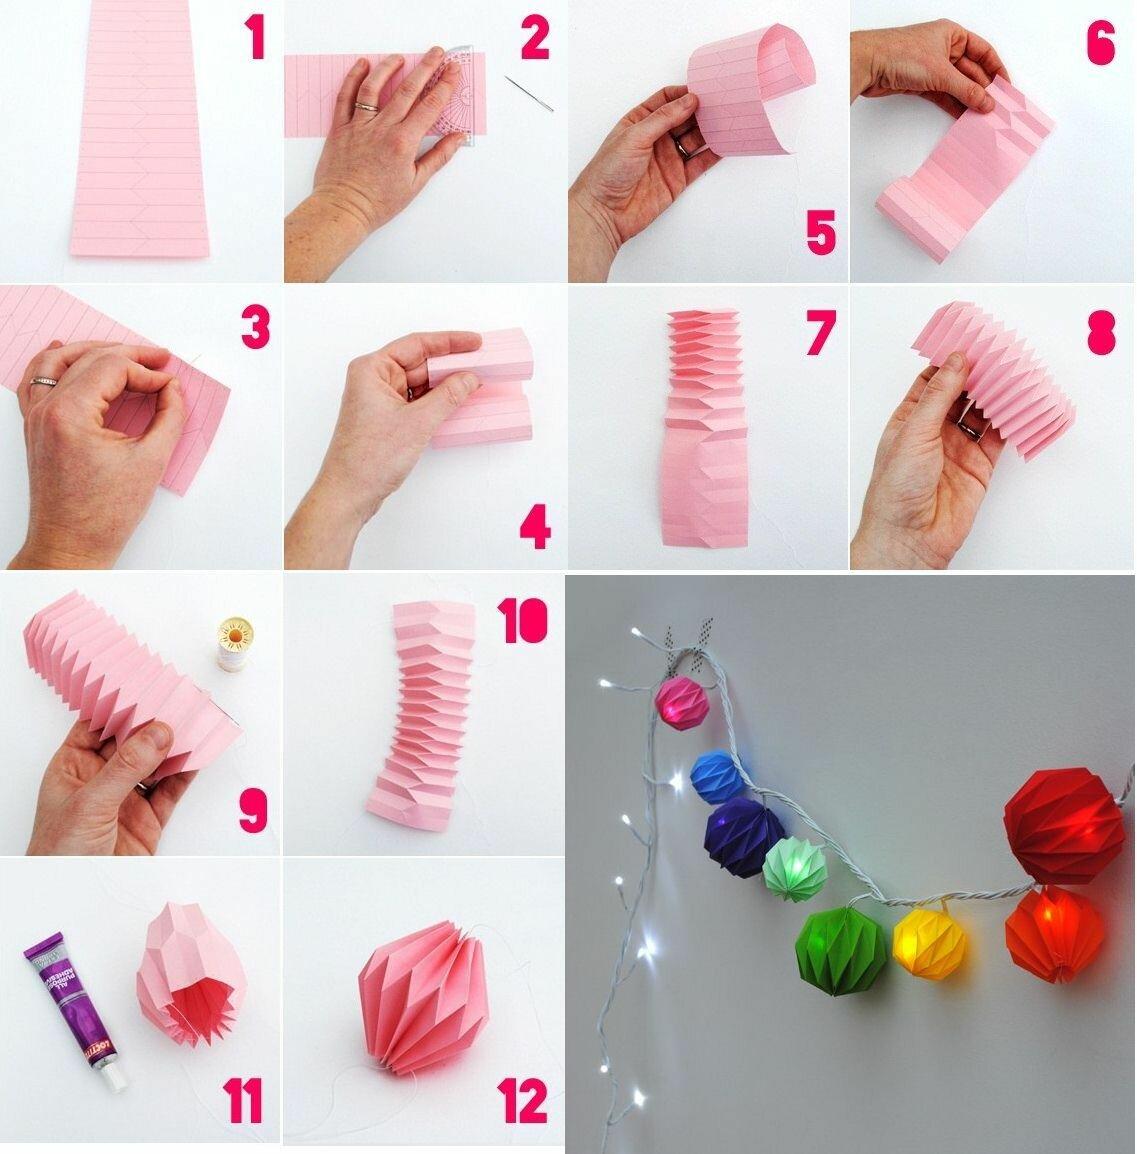 Как быстро сделать украшение своими руками